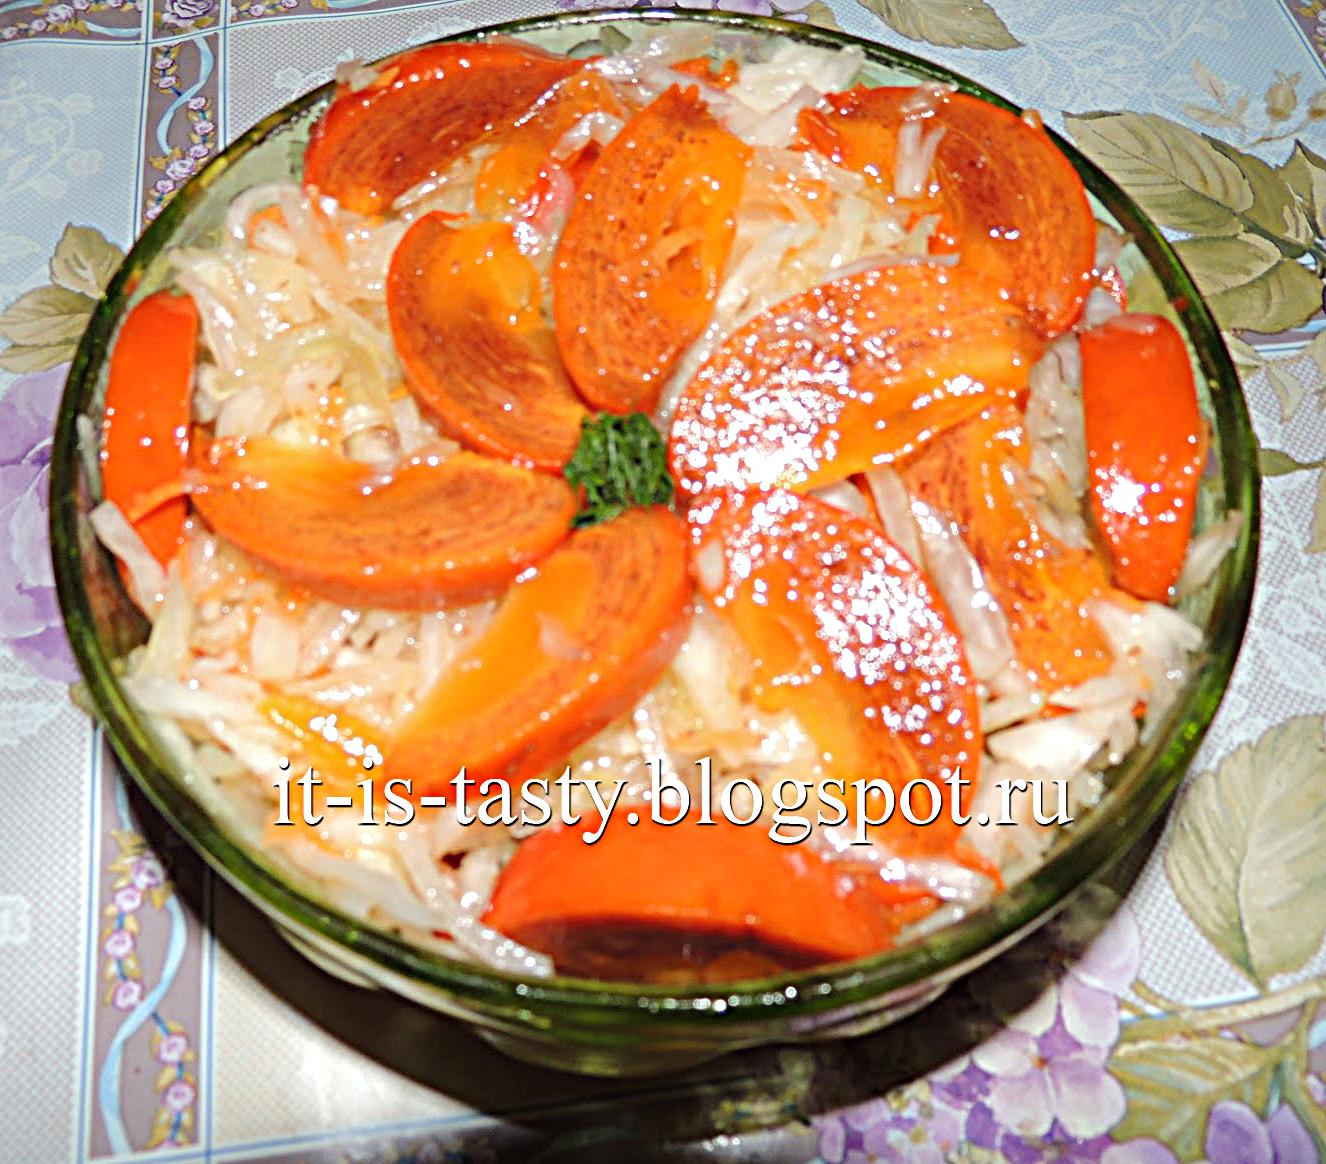 оладьи из квашеной капусты фото рецепты